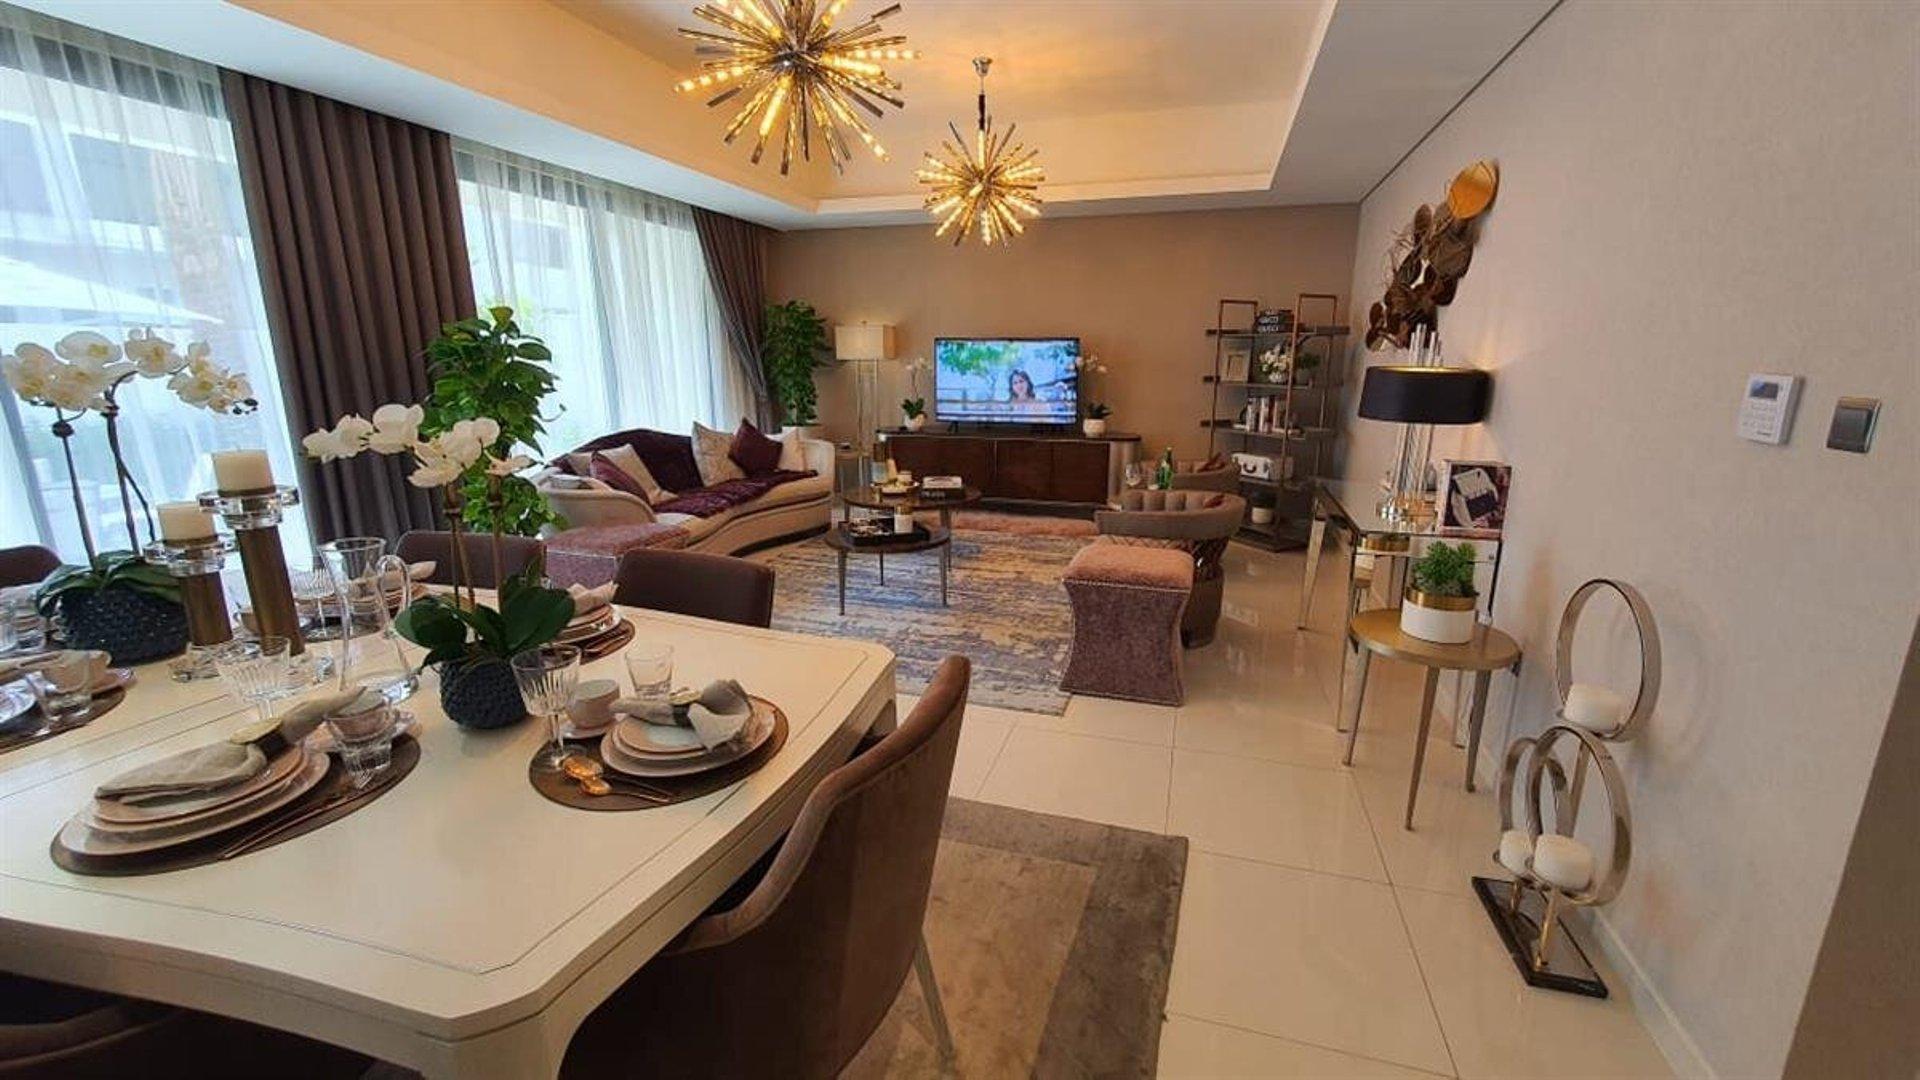 Adosado en venta en Dubai, EAU, 3 dormitorios, 309 m2, № 24287 – foto 3